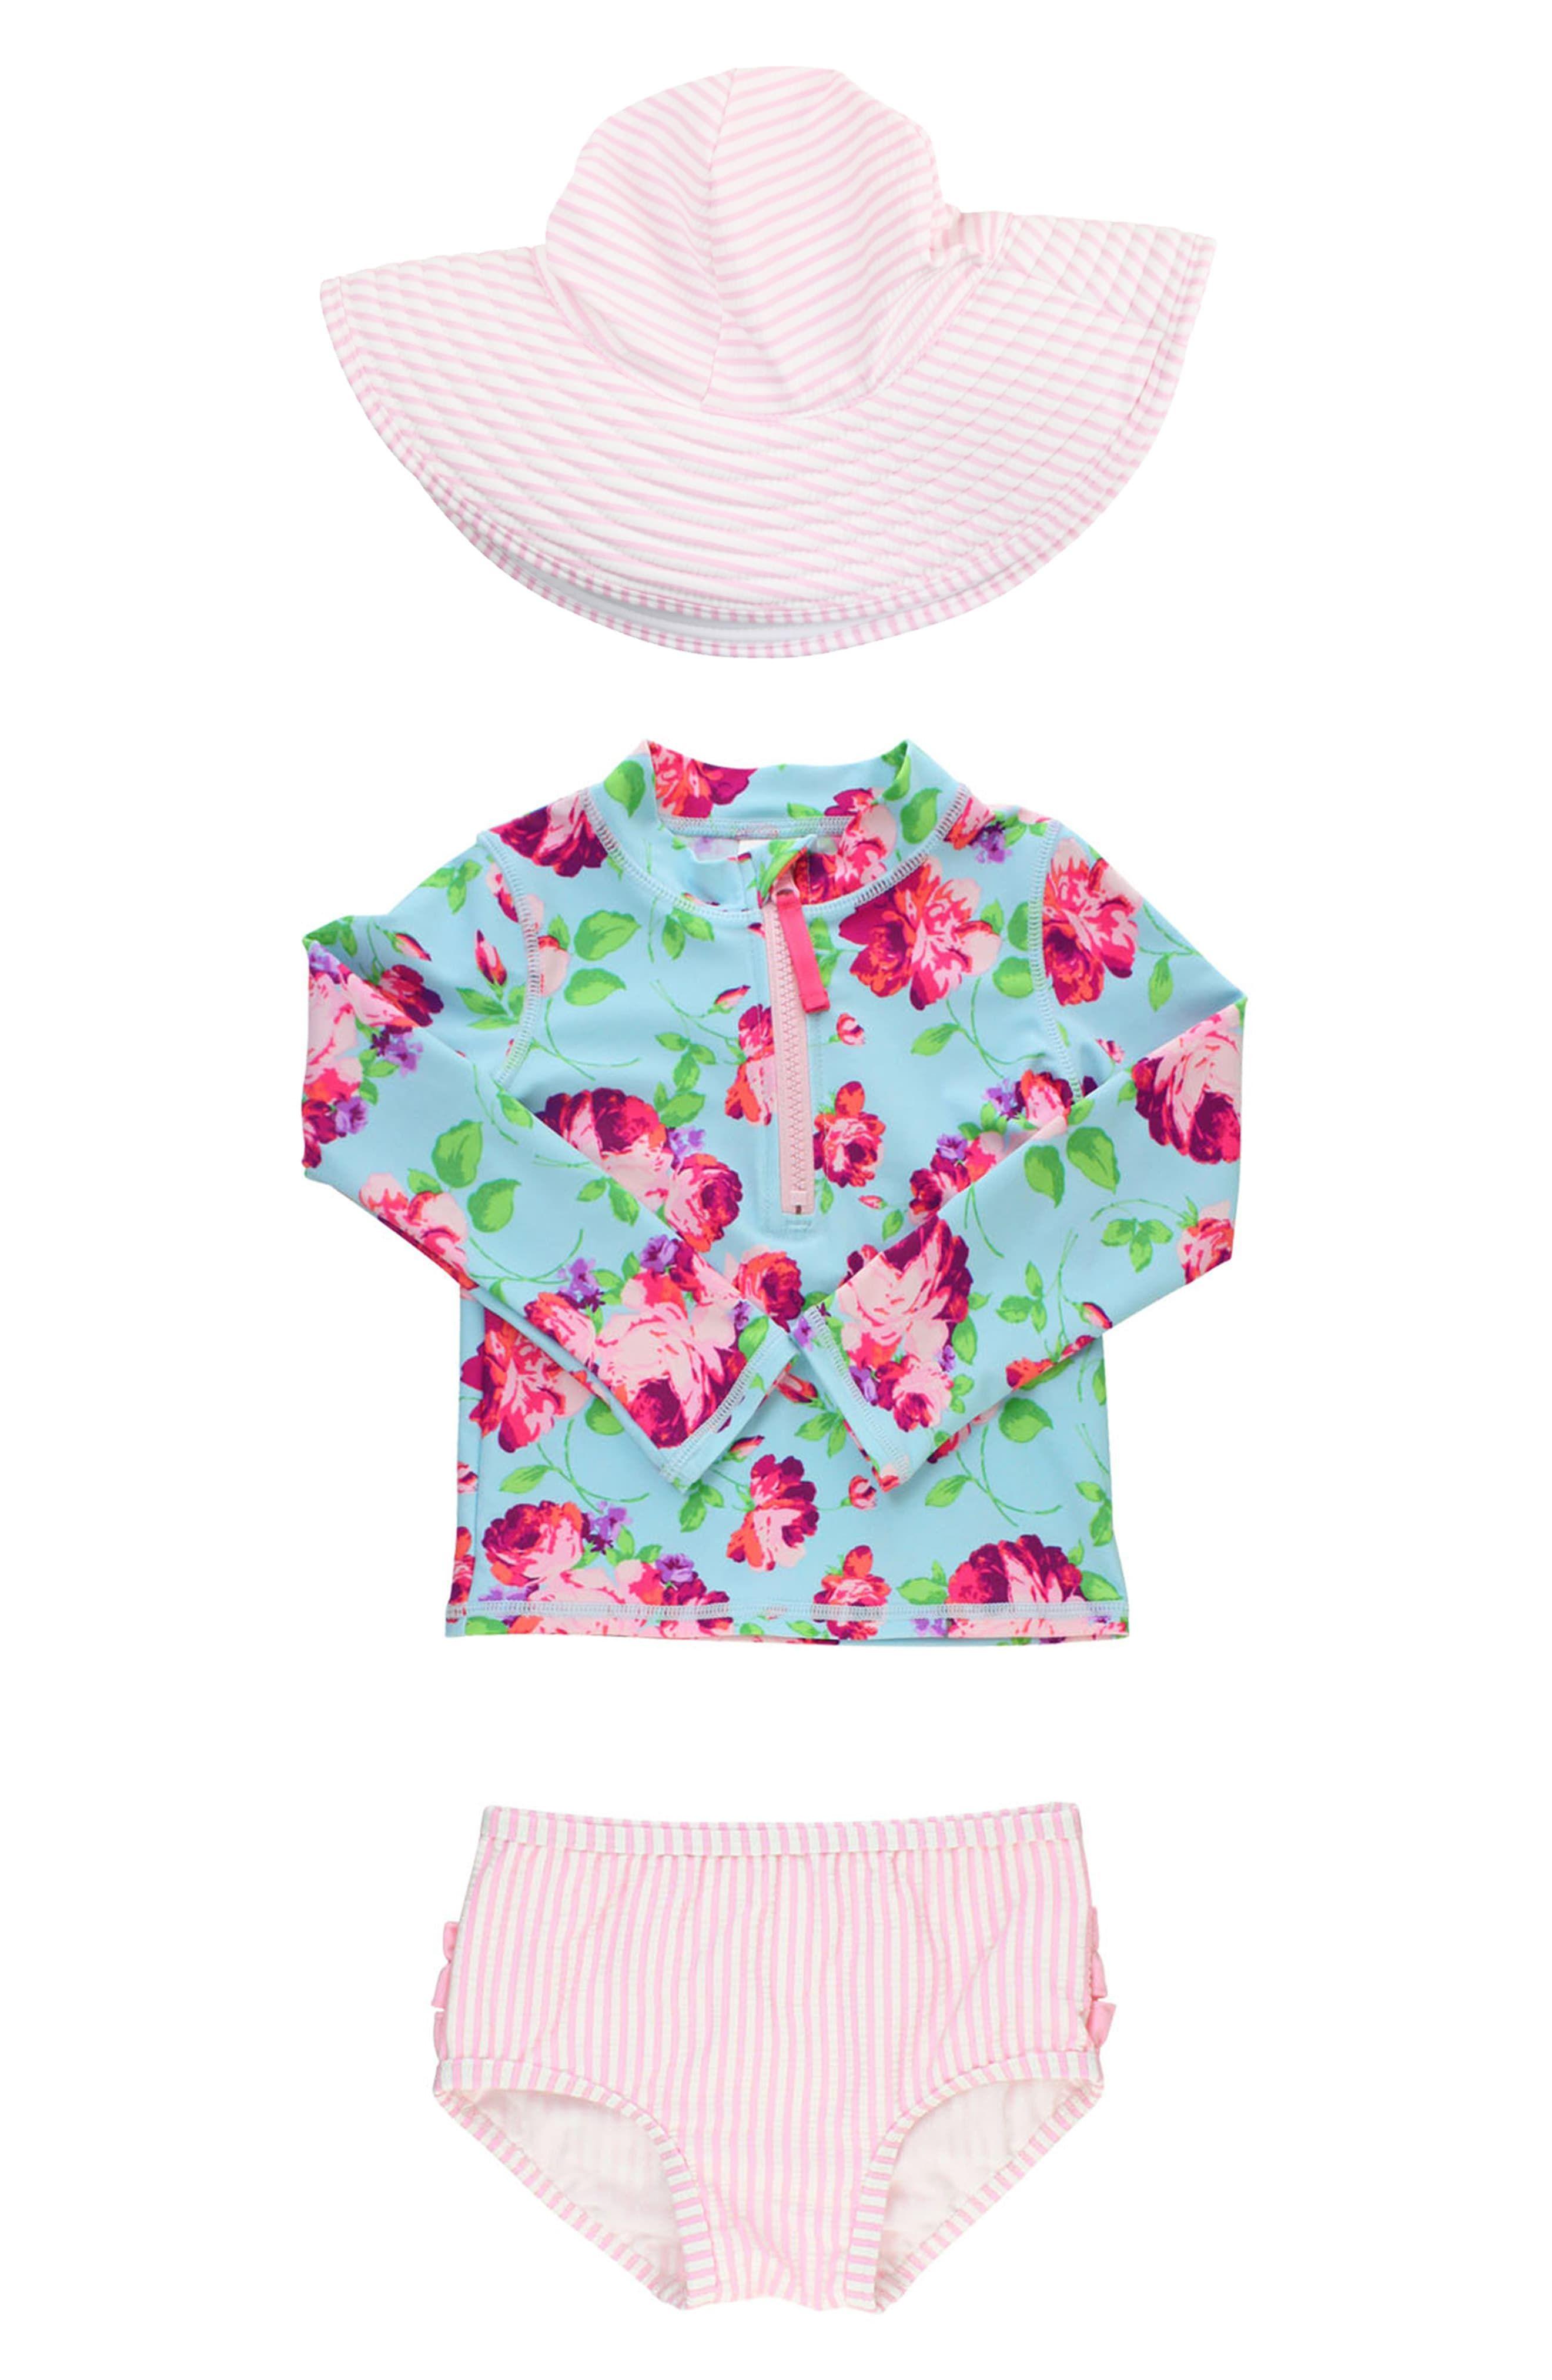 RuffleButts Girls Rash Guard Short Sleeve 2-Piece Swimsuit Set Polka Dot Bikini with UPF 50 Sun Protection